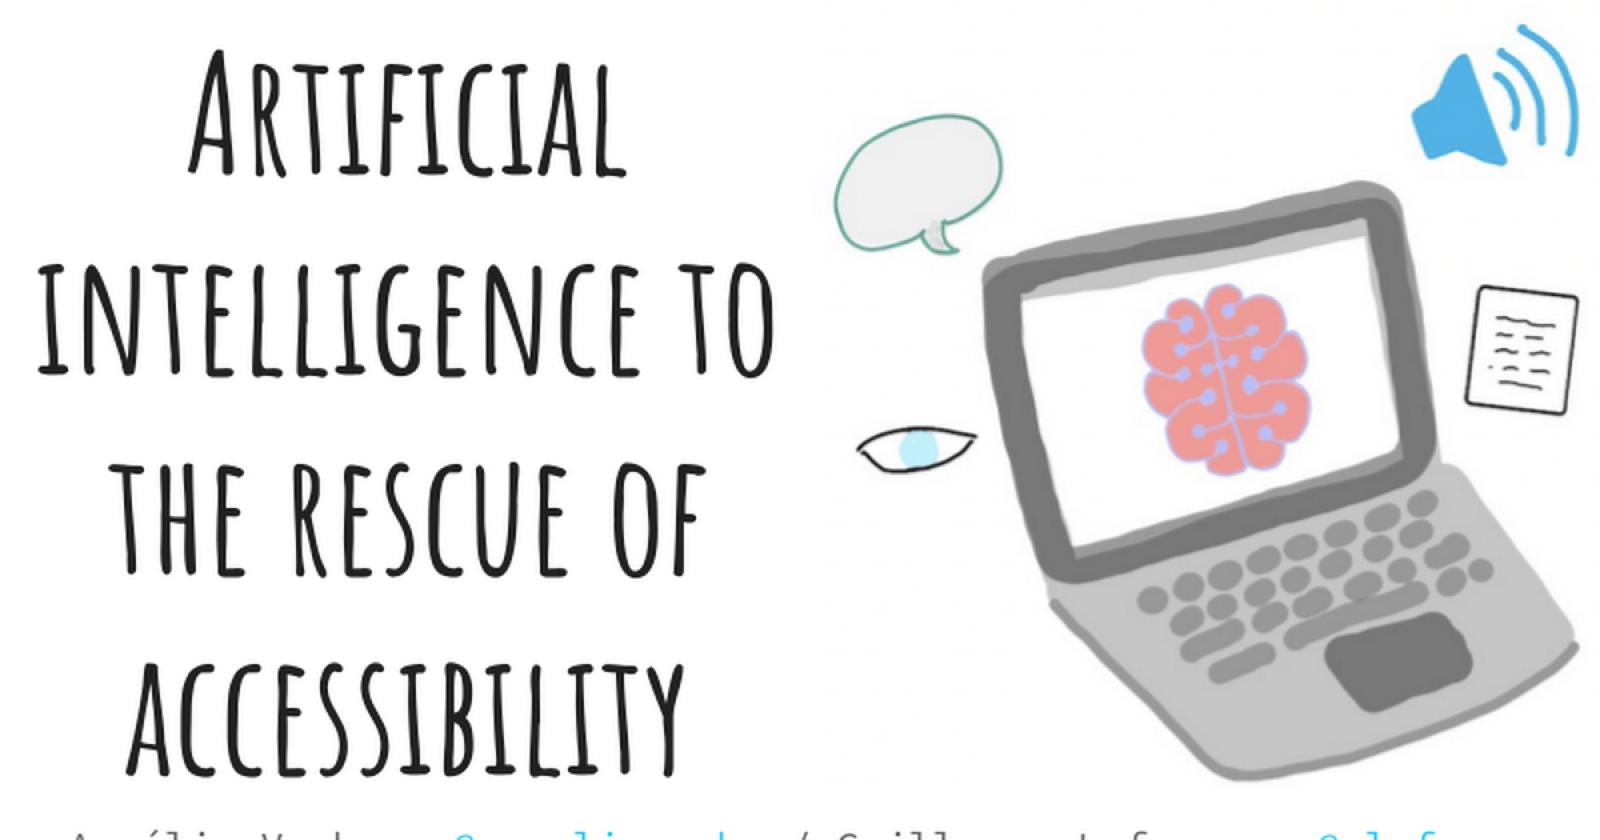 L'Intelligence Artificielle au secours de l'Accessibilité